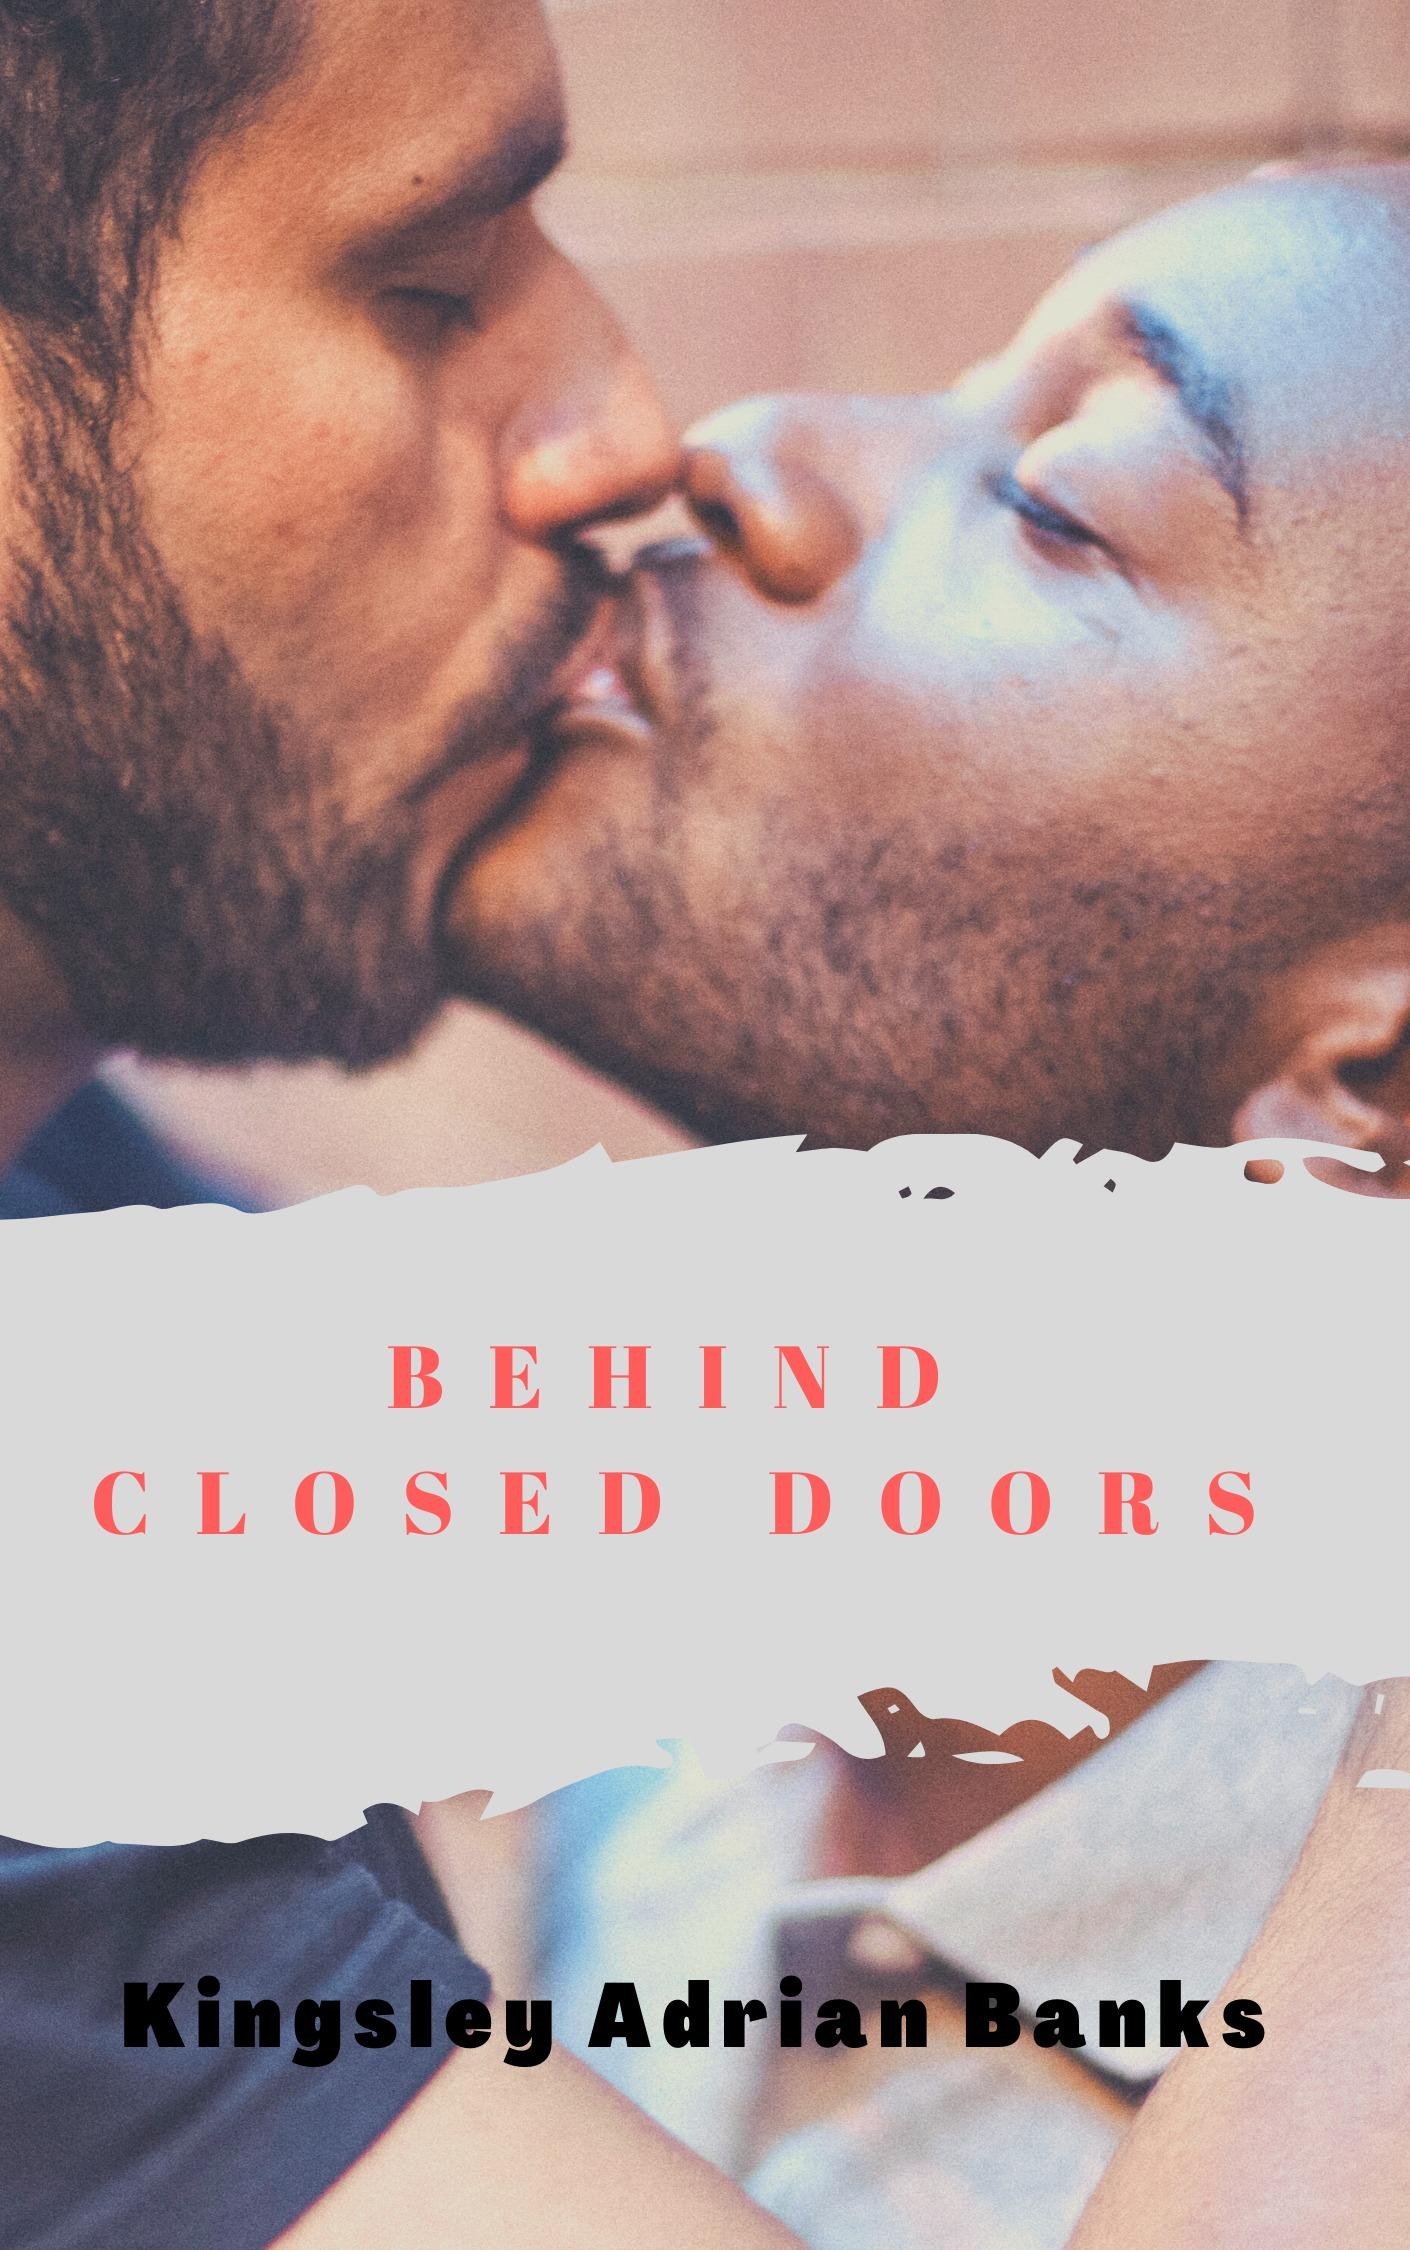 Behind Closed Doors Free